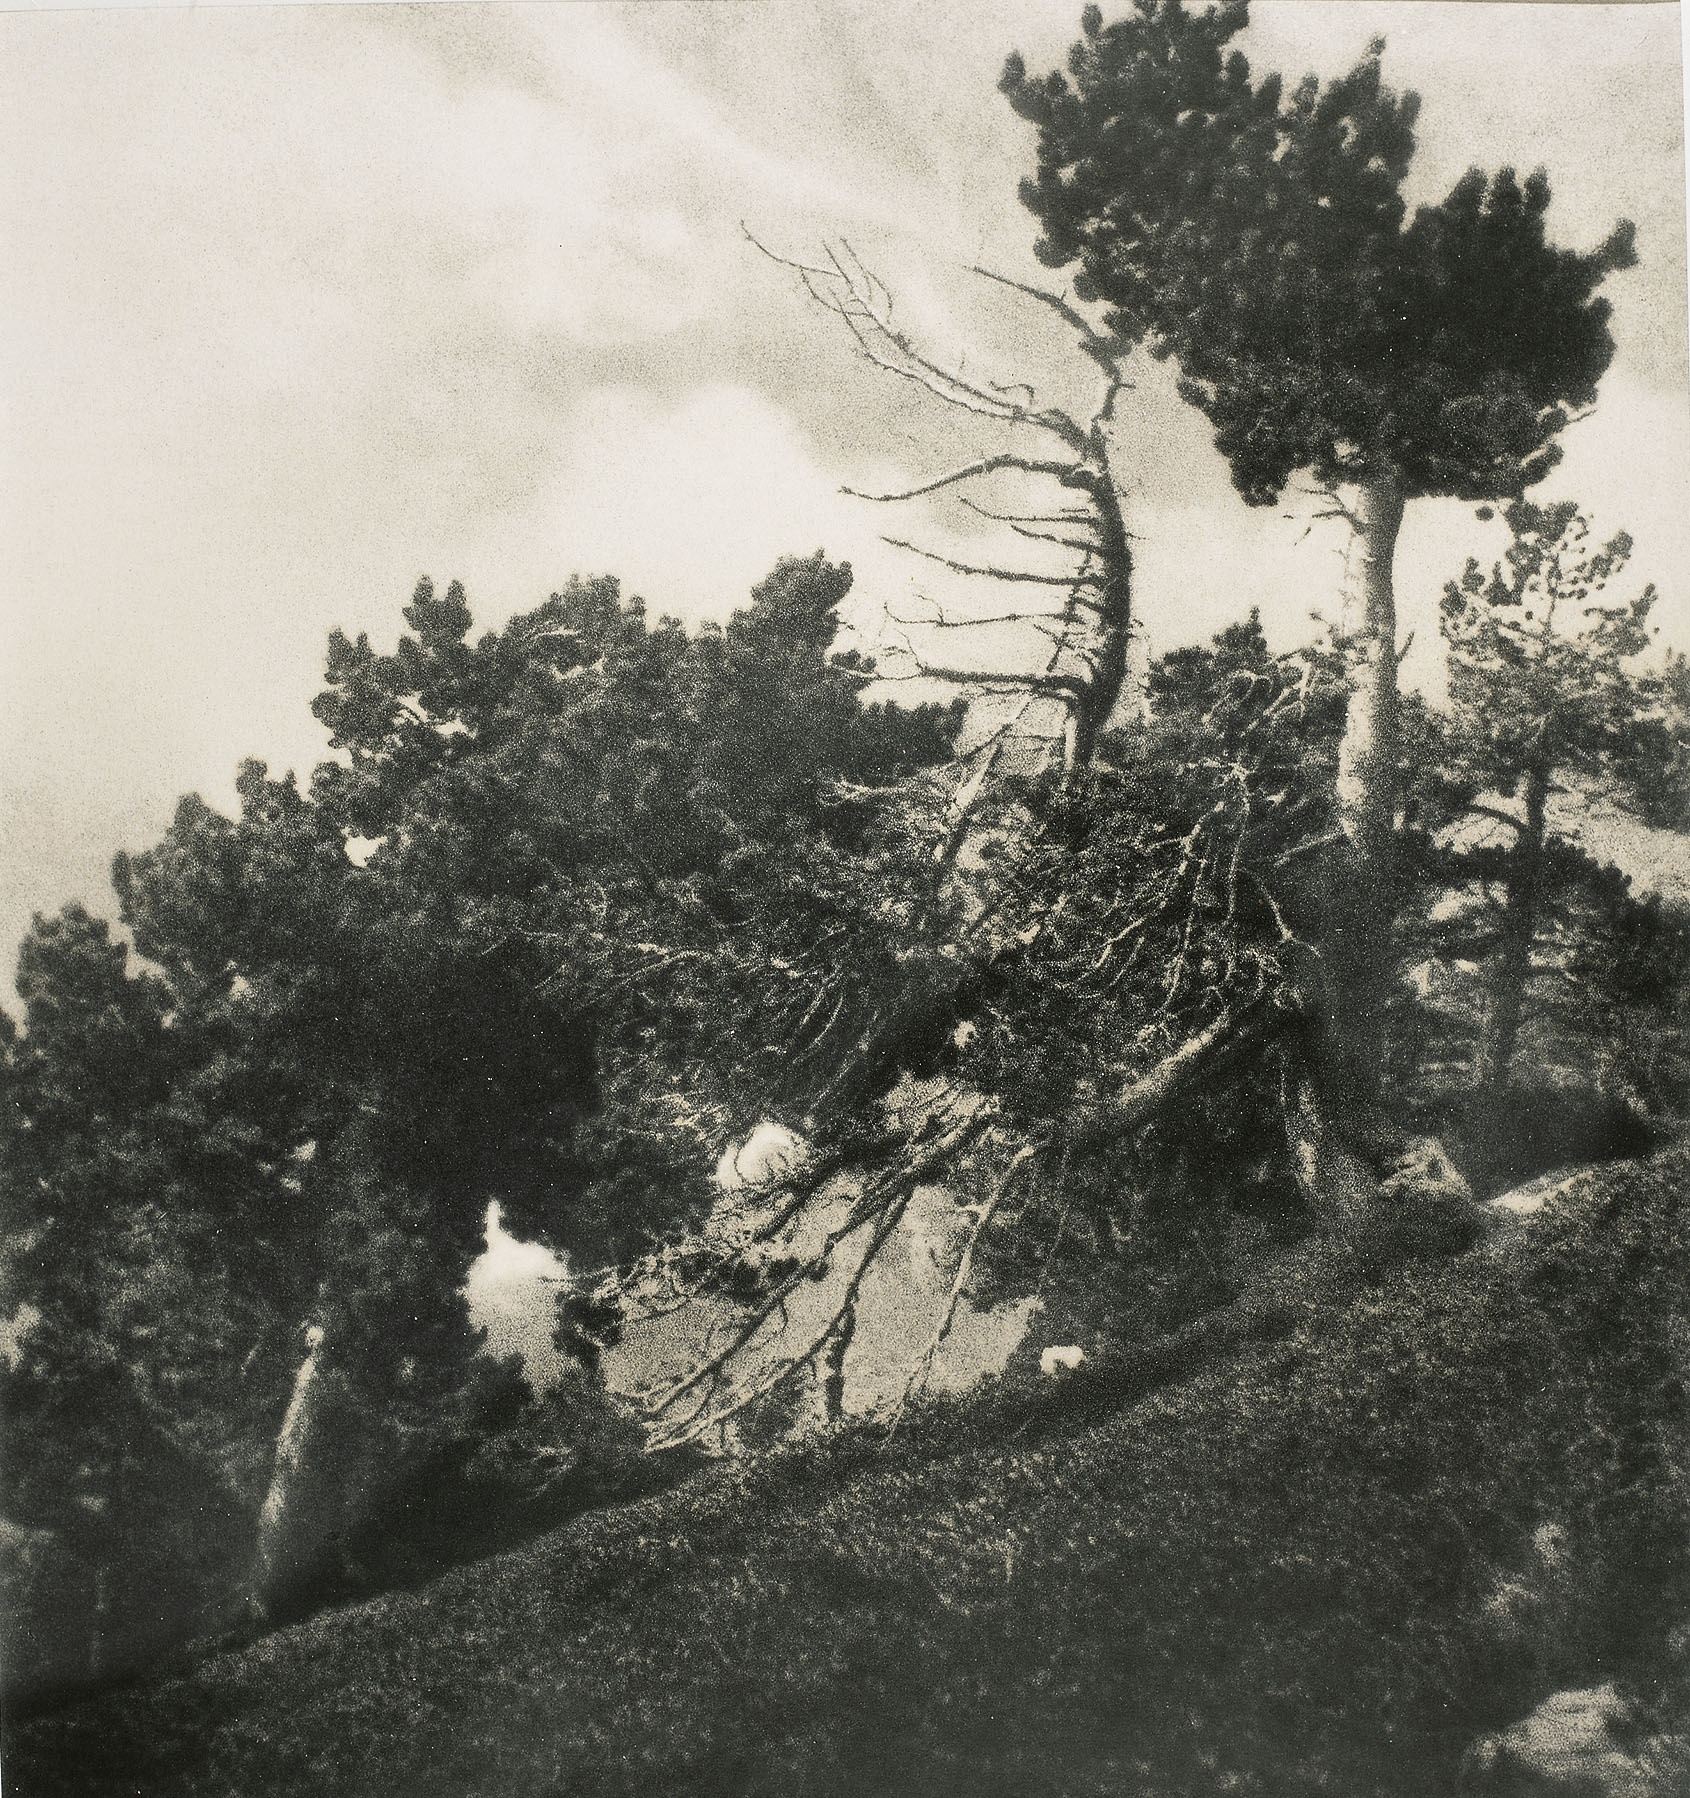 Claudi Carbonell - Bosc de la Verge - No datat